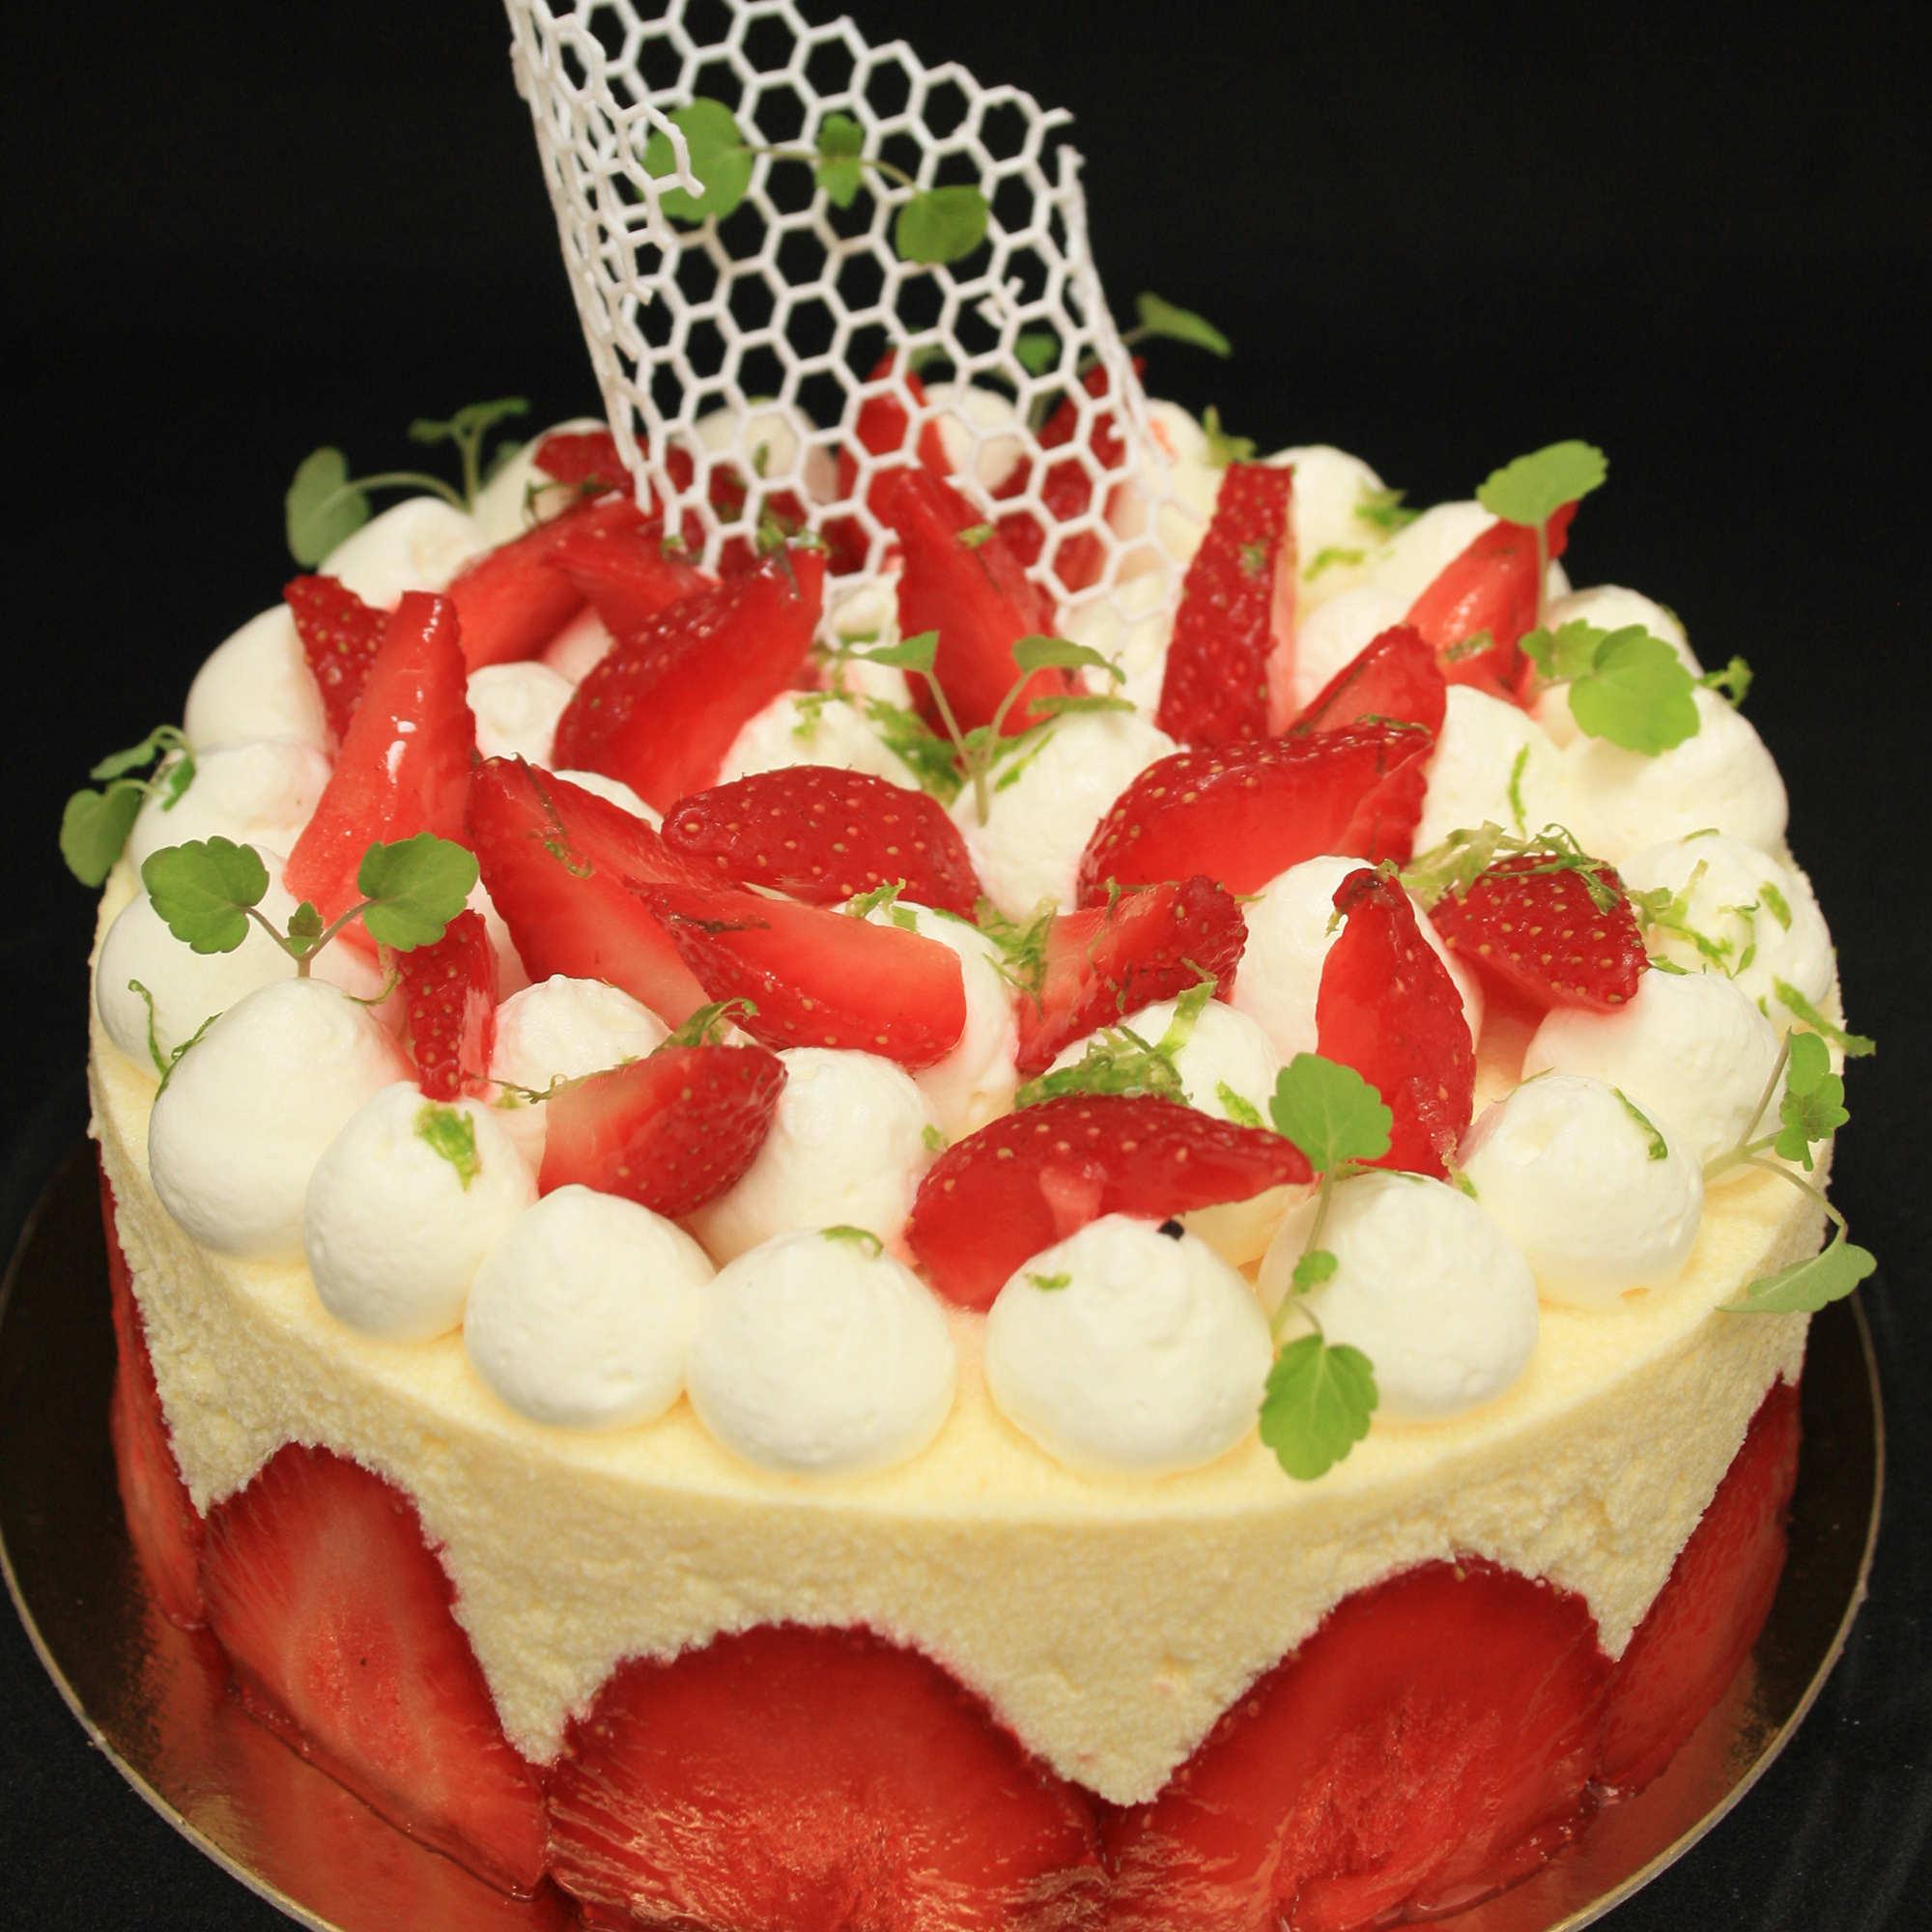 cours-amateurs-patisserie-fraisier